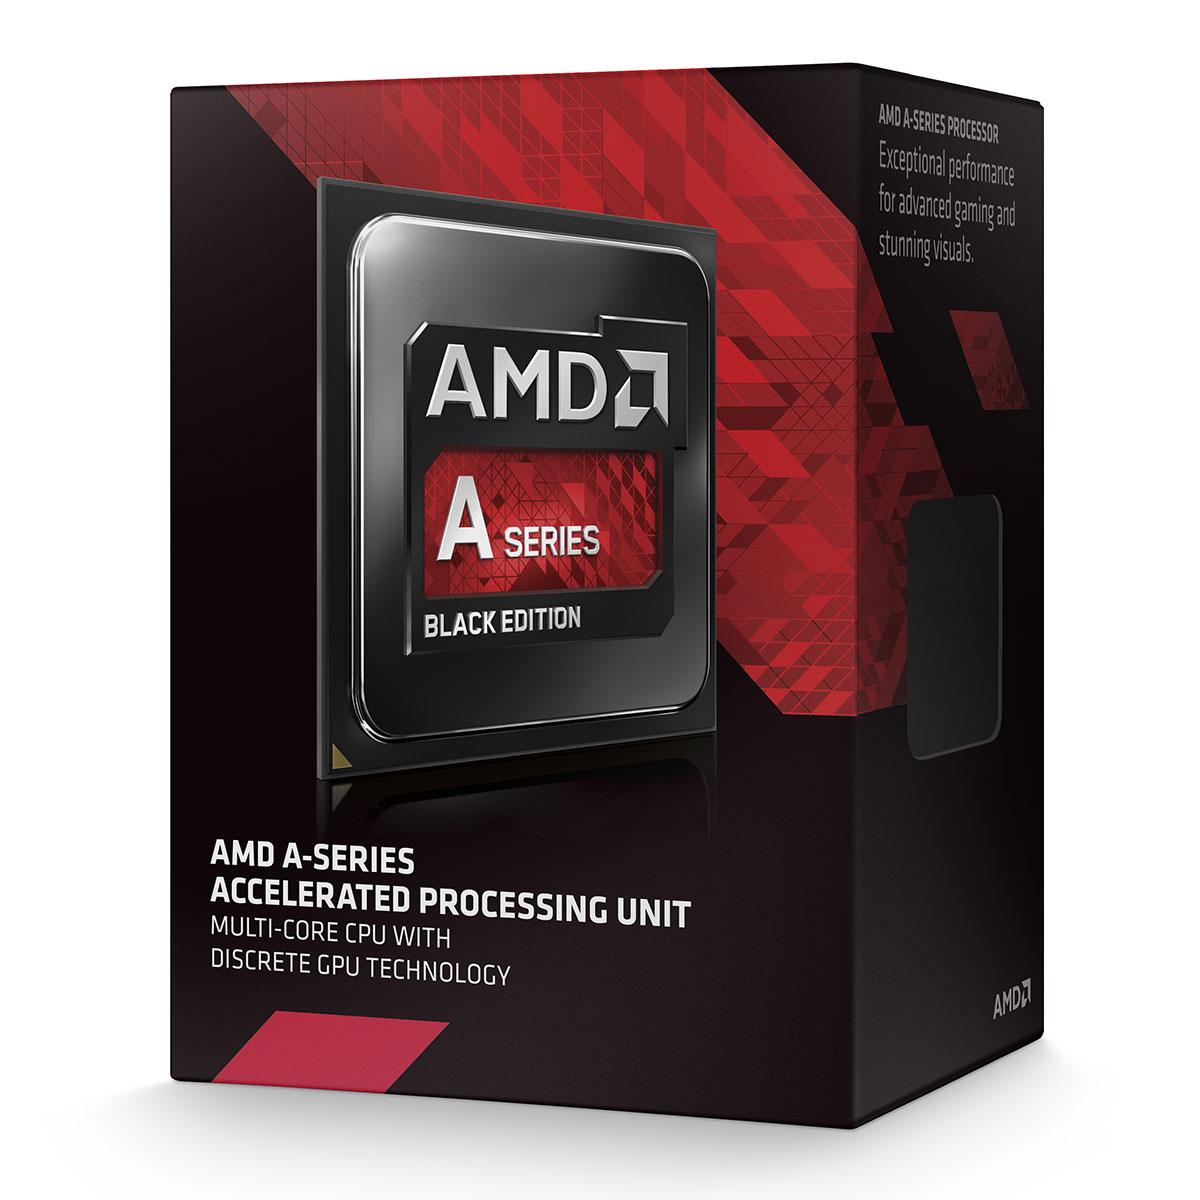 Processeur AMD A8-7670K (3.6 GHz) Black Low Noise Edition Processeur Quad Core socket FM2+ Cache L2 4 Mo Radeon R7 Series 0.028 micron + ventilateur silencieux (version boîte - garantie constructeur 3 ans)